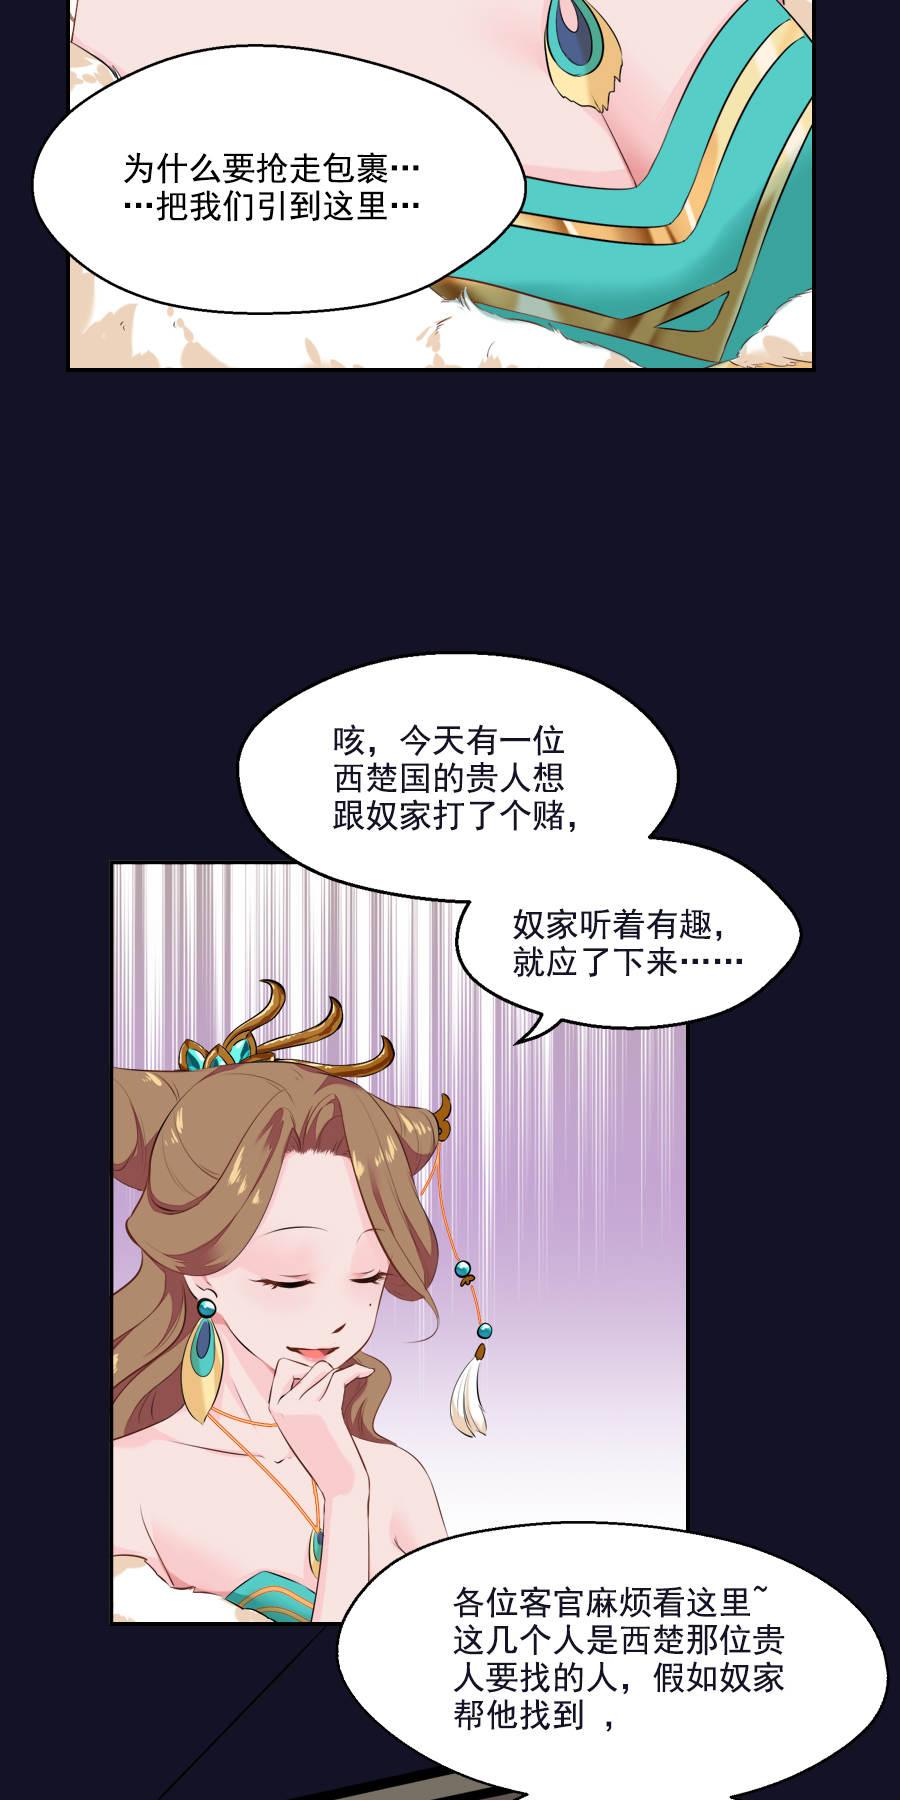 盛世帝王妃第30话  红蝶 第 23